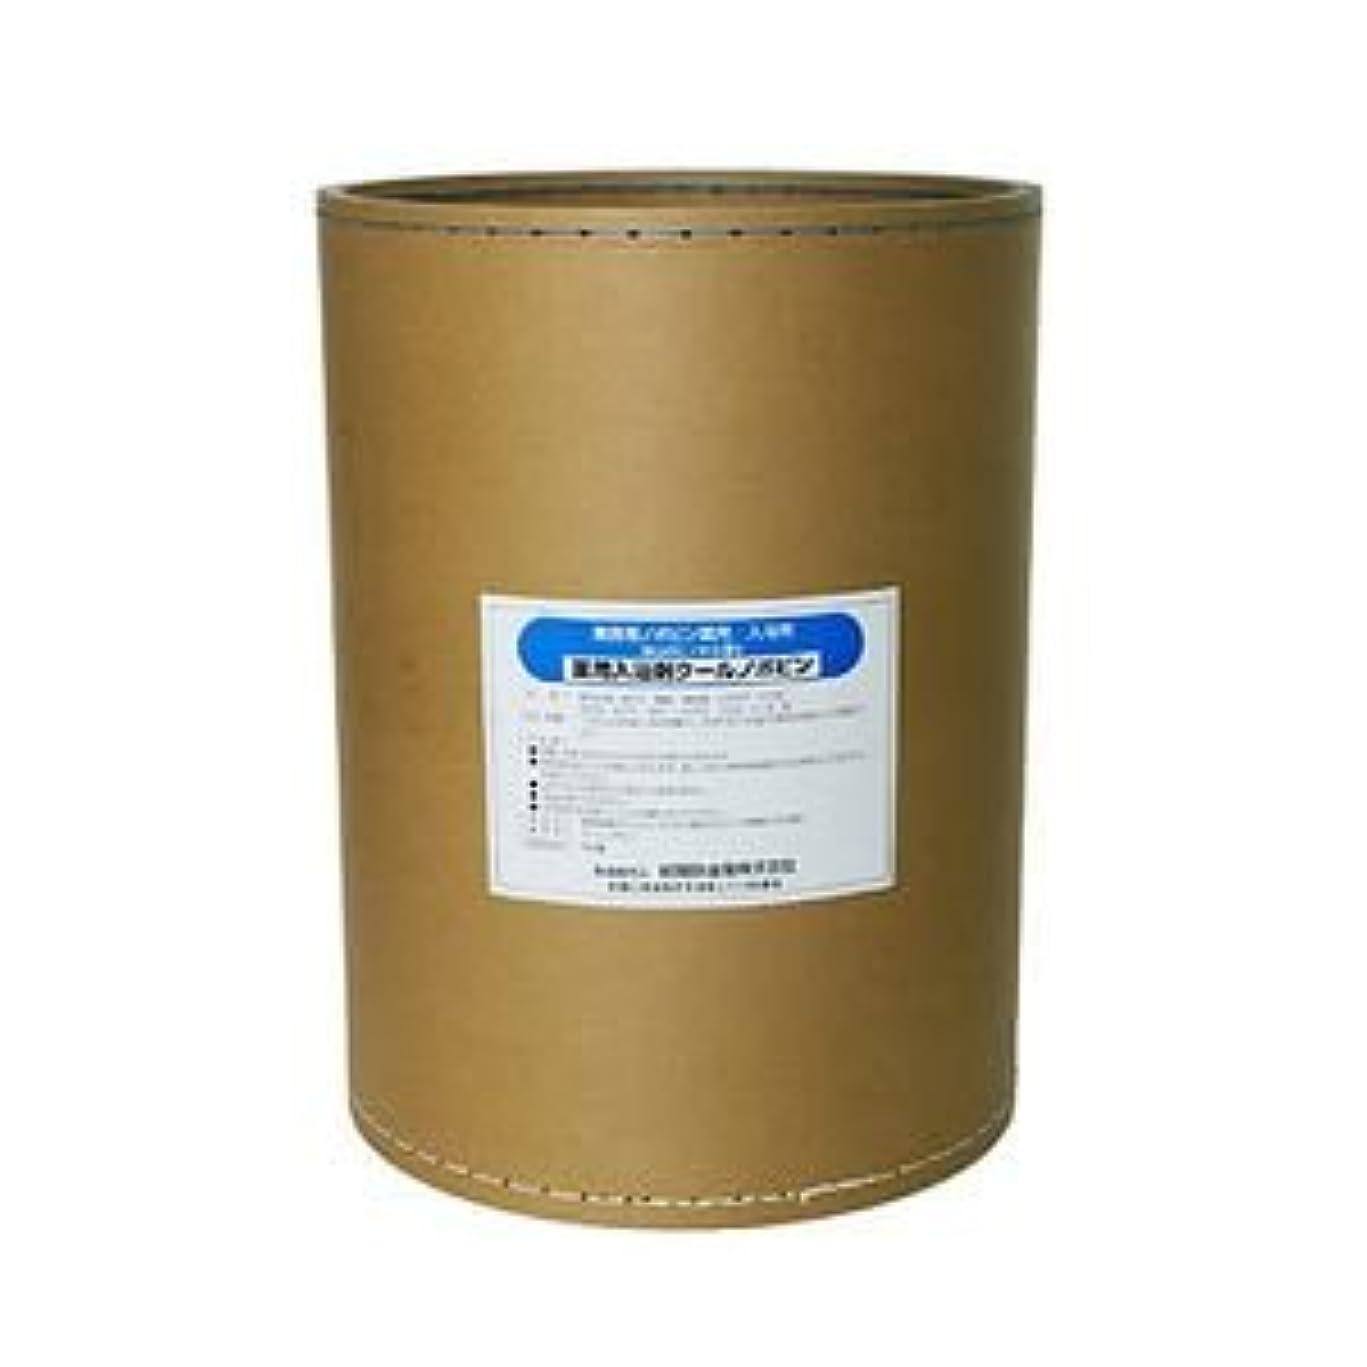 フォーム行列ラップ業務用入浴剤 クールノボピン 18kg